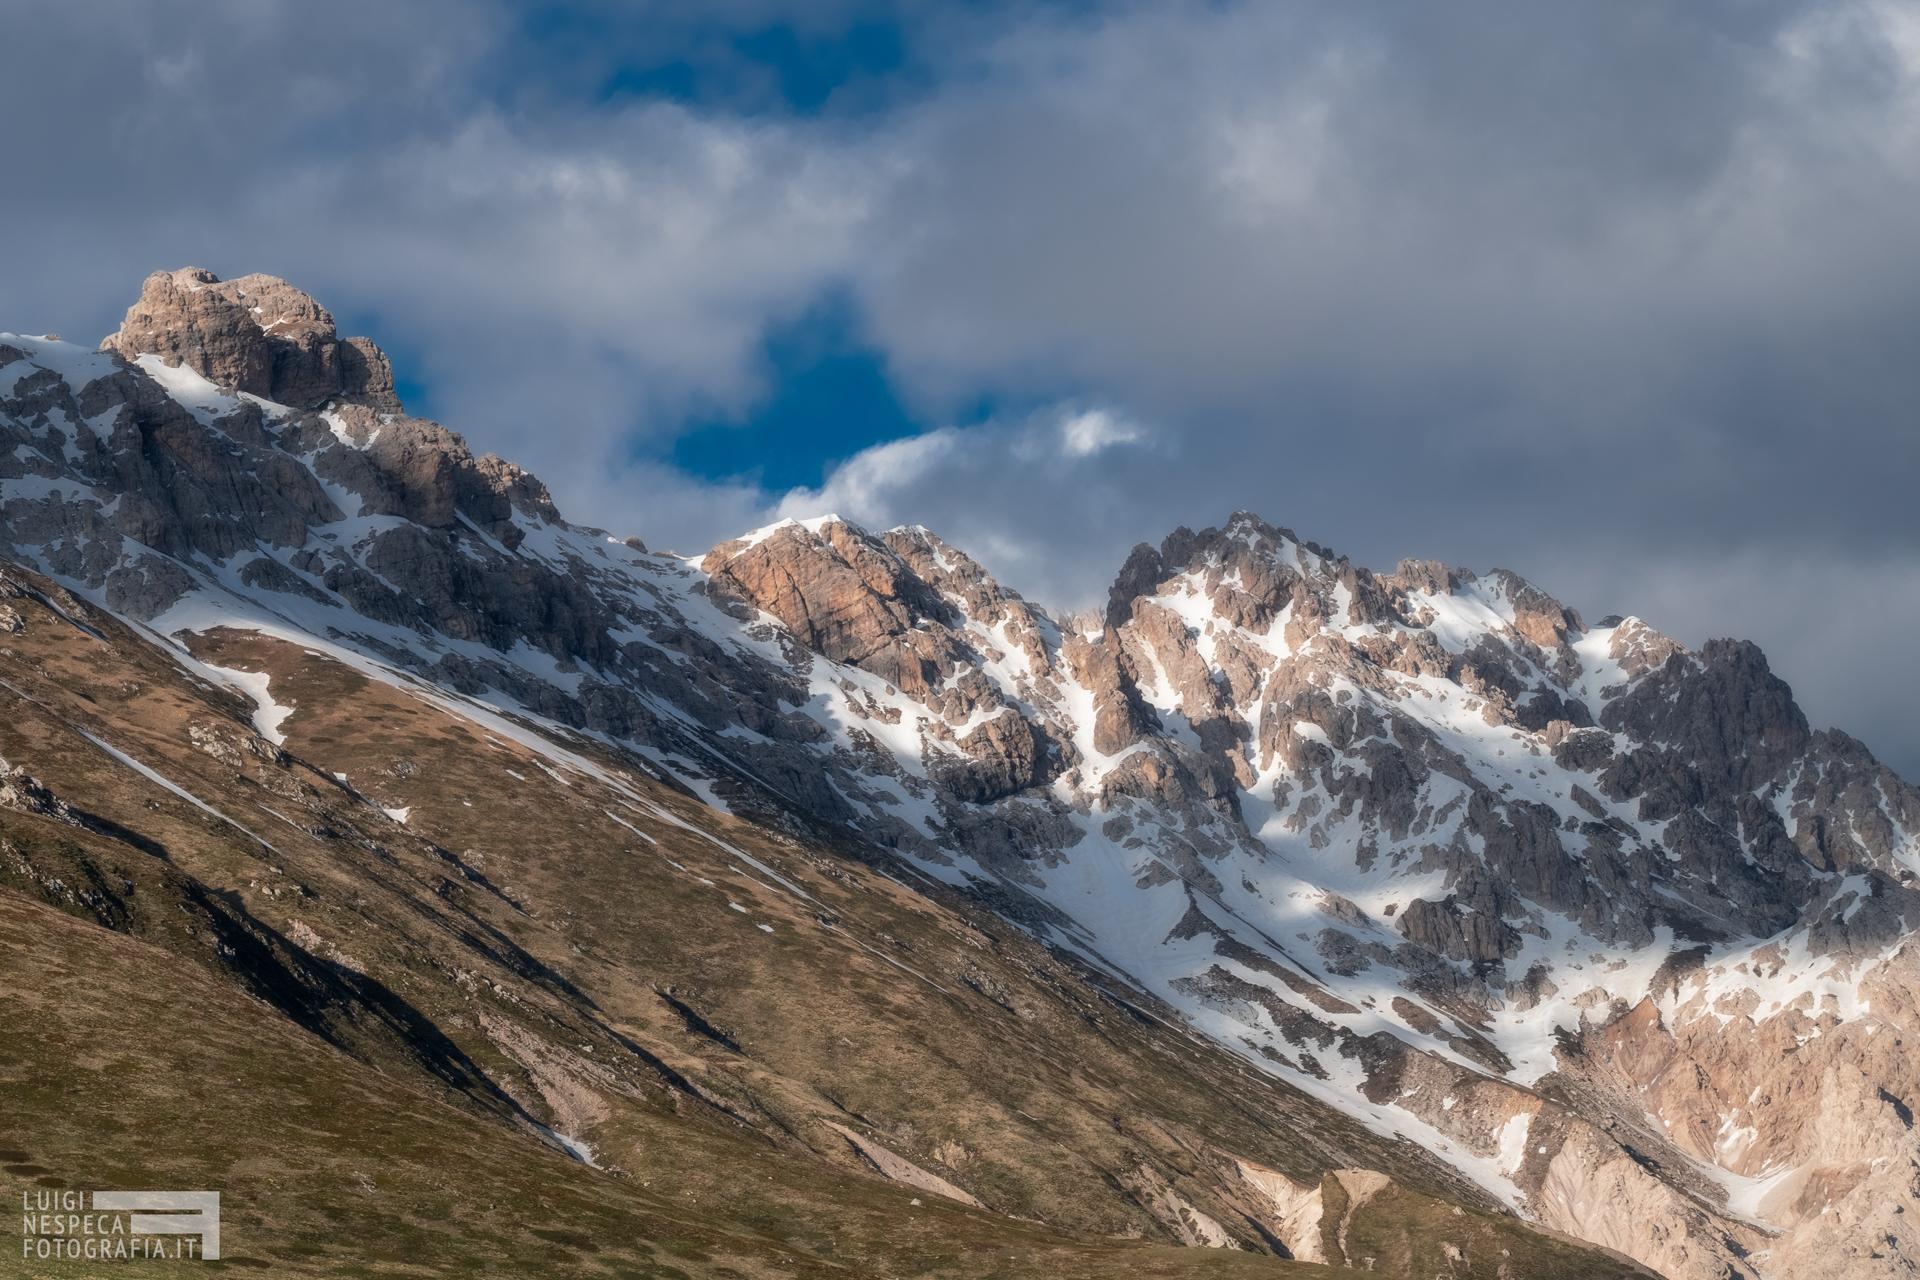 27 - Le Torri di Casanova e Monte Prena - Un anno al Gran Sasso